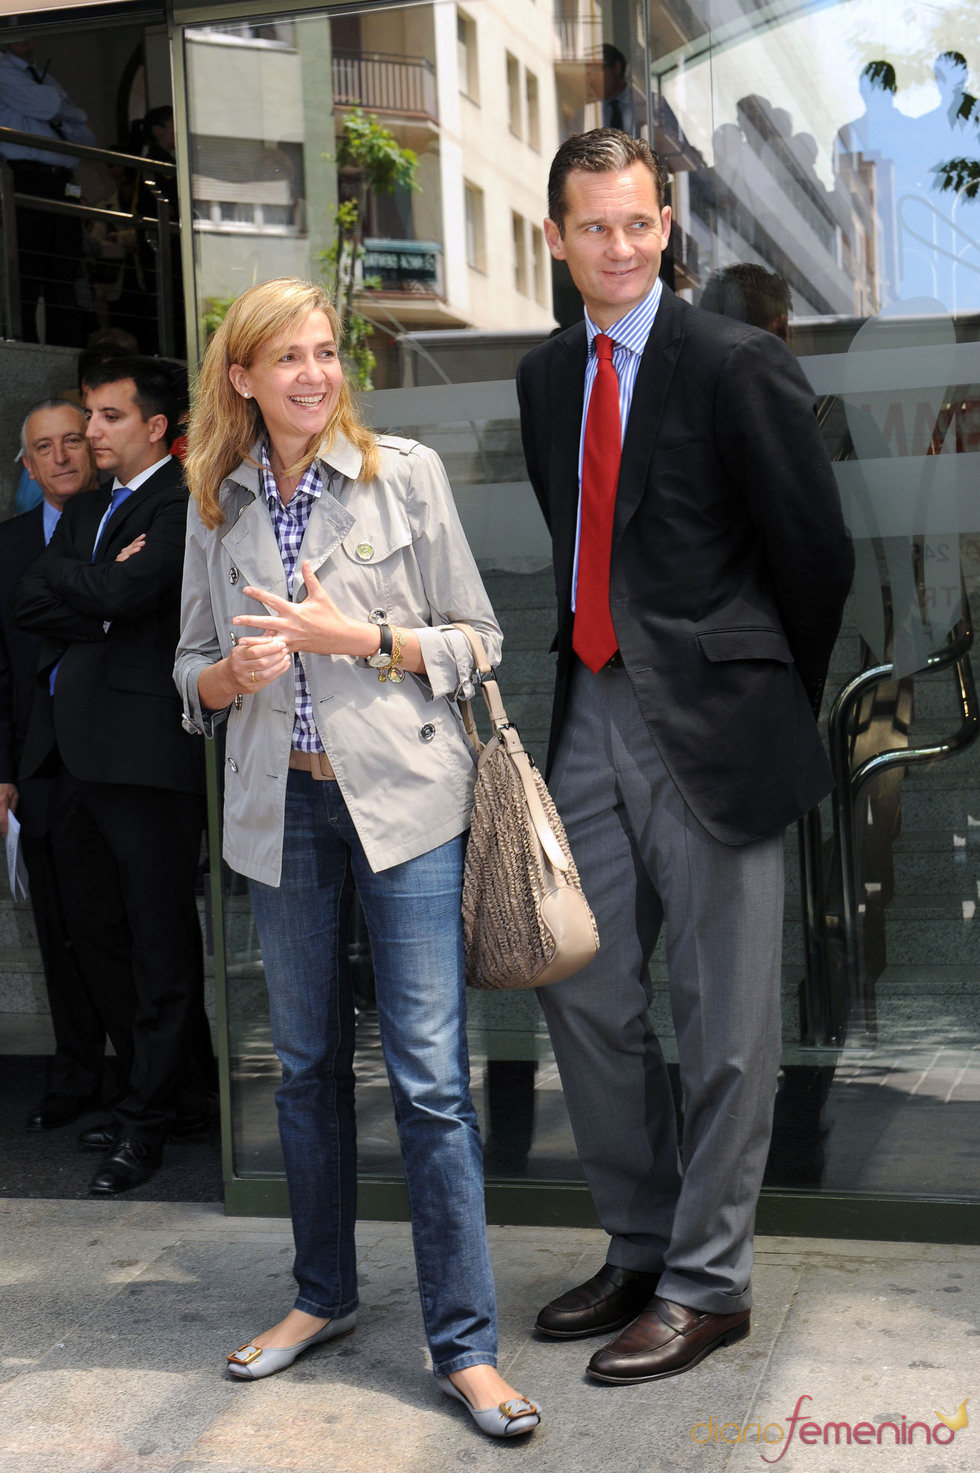 La Infanta Cristina e Iñaki Urdangarín juntos después de los rumores de separación